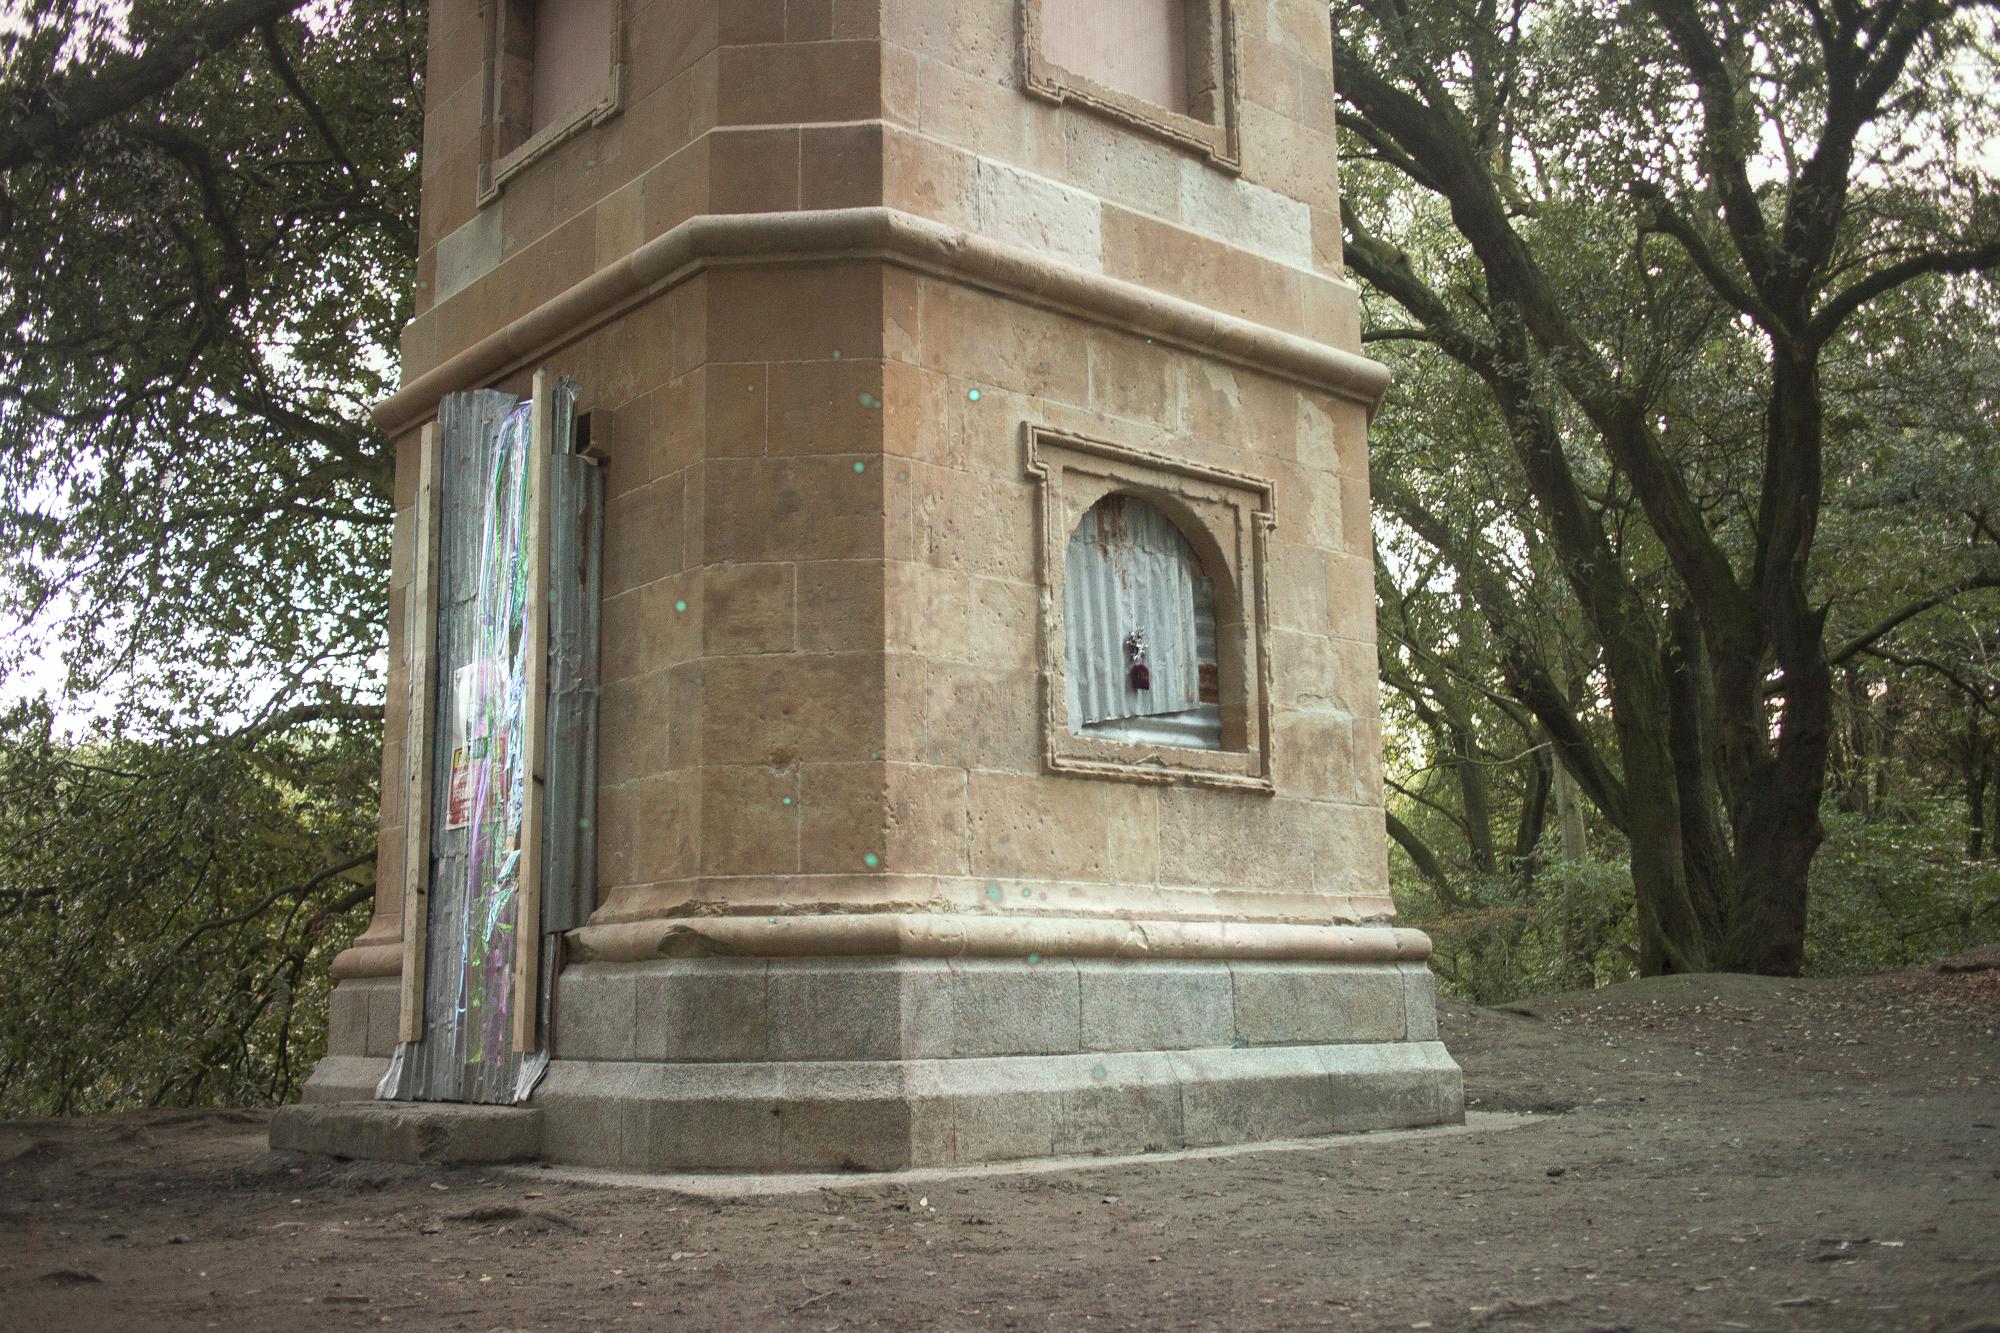 Patatas Guerra (Ep. IV, Dublin), Installation view